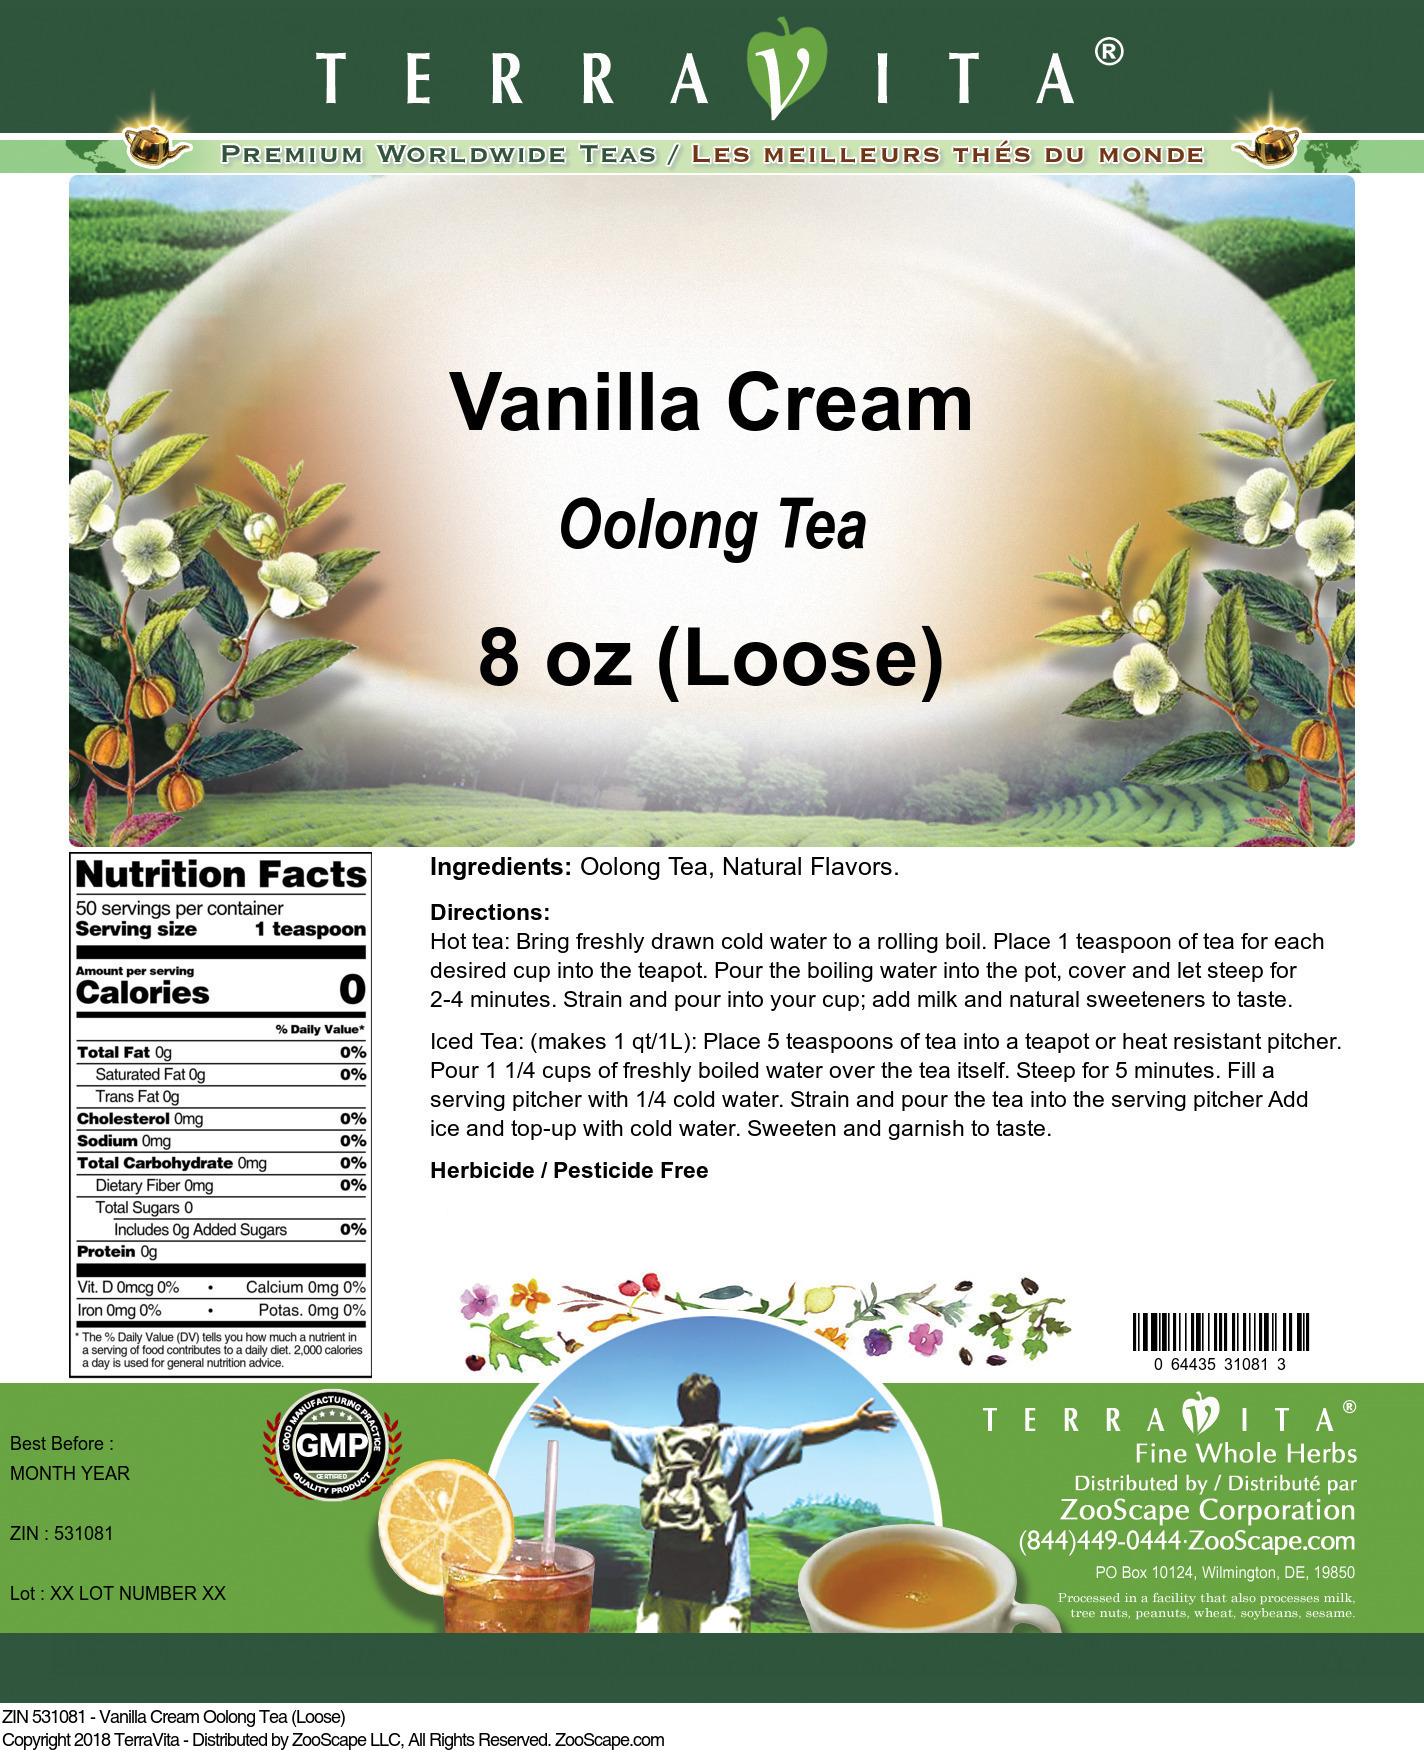 Vanilla Cream Oolong Tea (Loose)